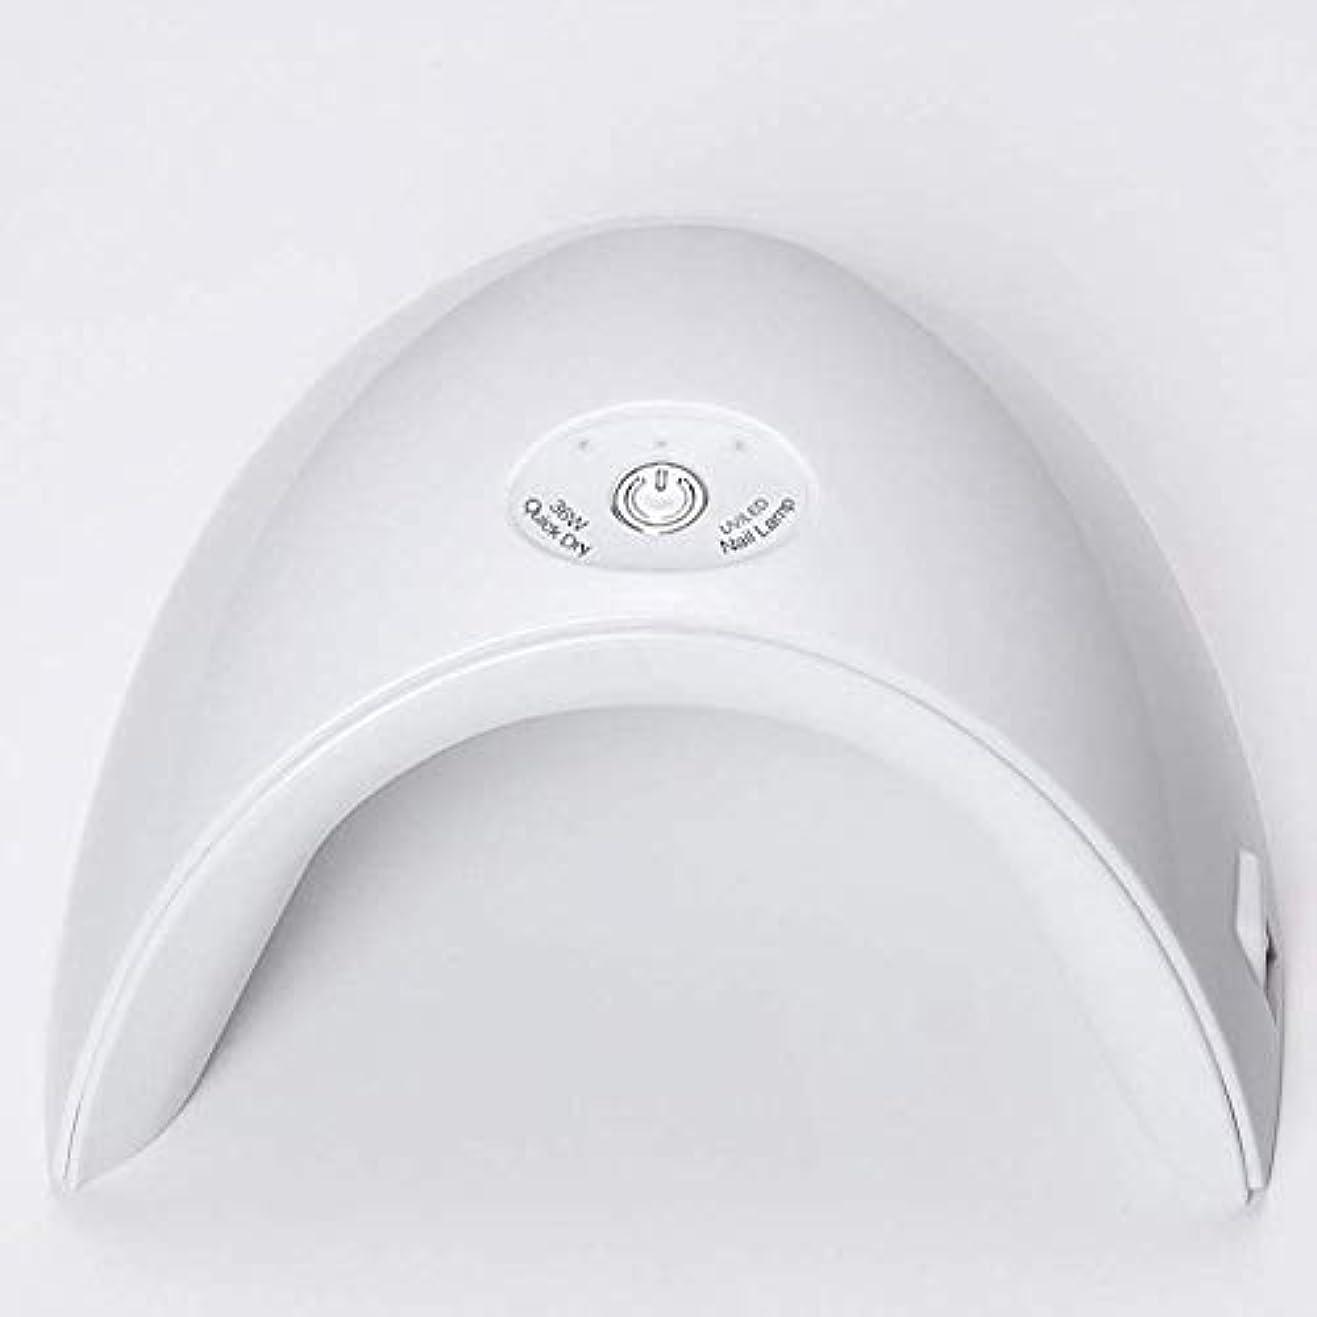 第インターネットアグネスグレイネイル光線療法機械ドライヤー36W誘導スマートLed光線療法のりネイルアートライトセラピーライトツール